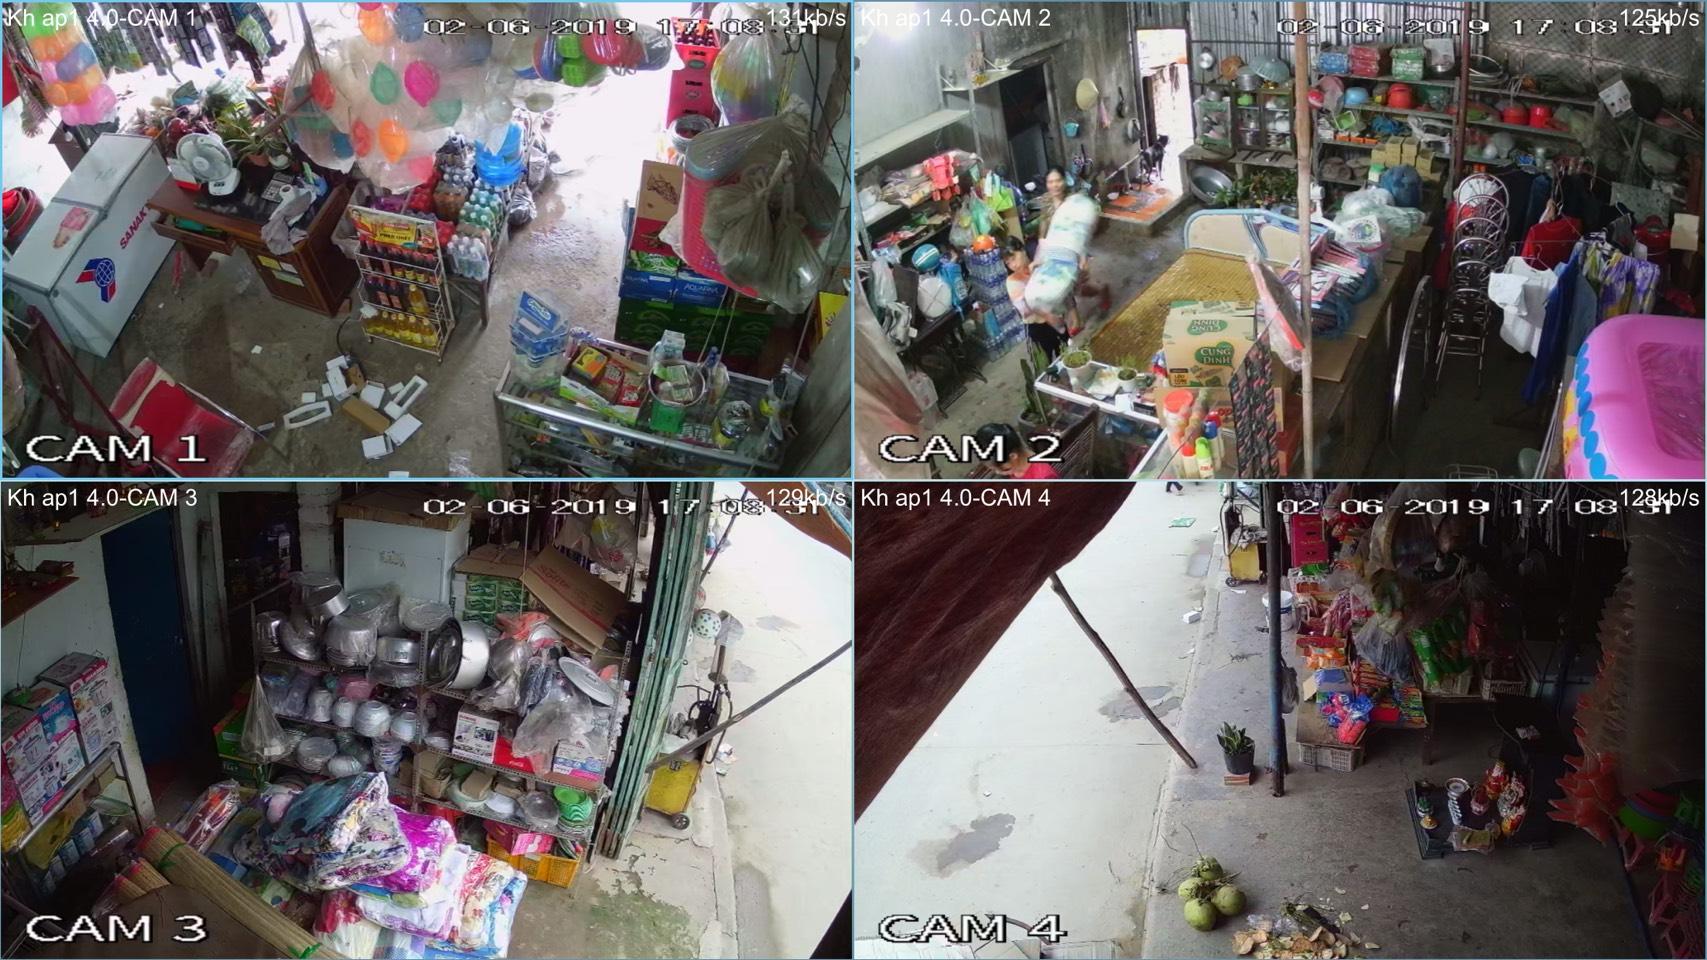 Thi công camera tại Bình Dương, Đồng Nai, TPhcm - Thi cong camera binh duong